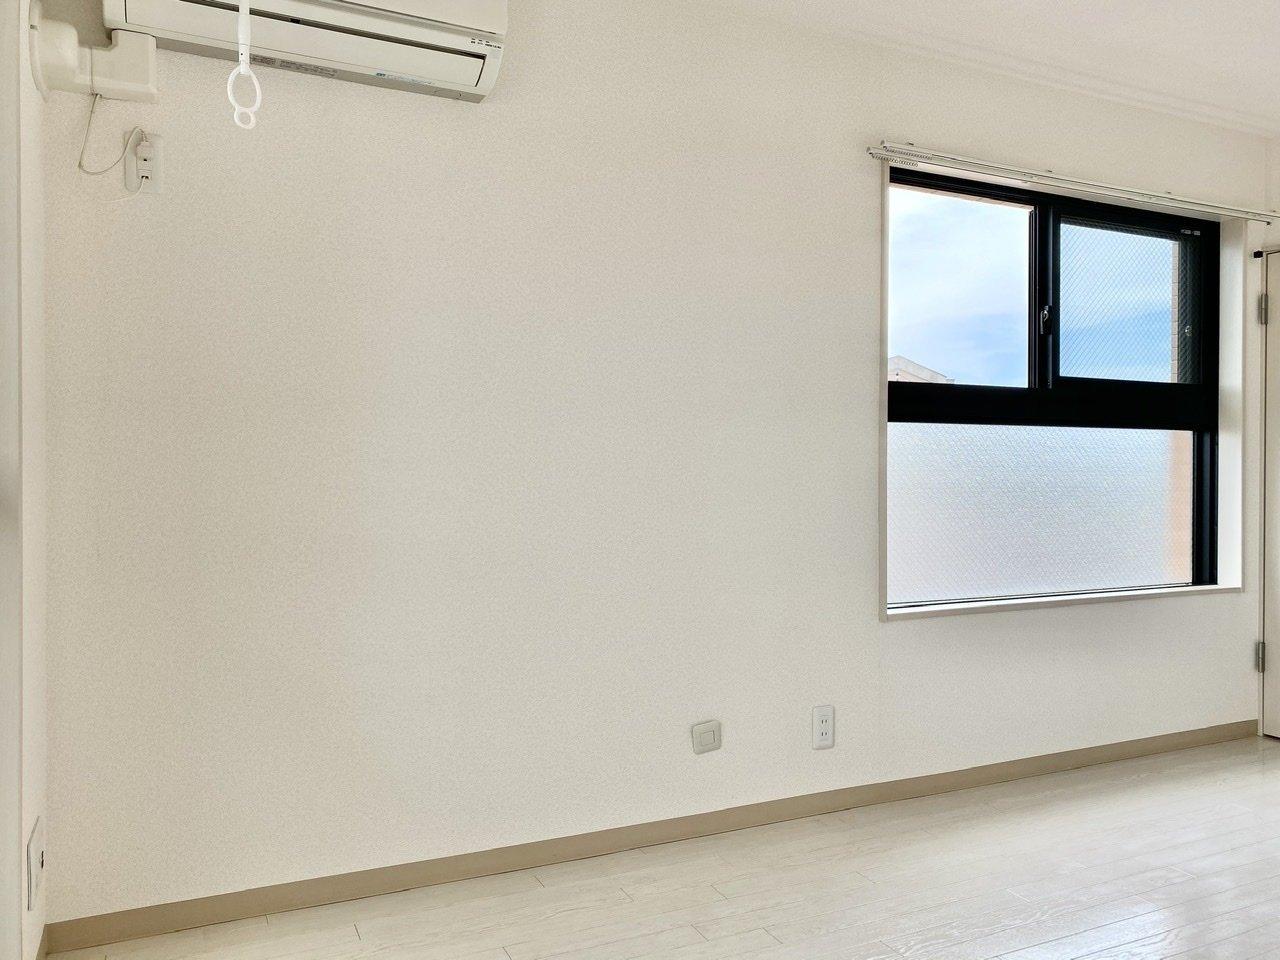 テレワークが可能な会社であれば、室内にワークデスクも置きたいところ。2面採光なので、こちらの窓際にデスクを置いたら、明るさもあり良さそう。